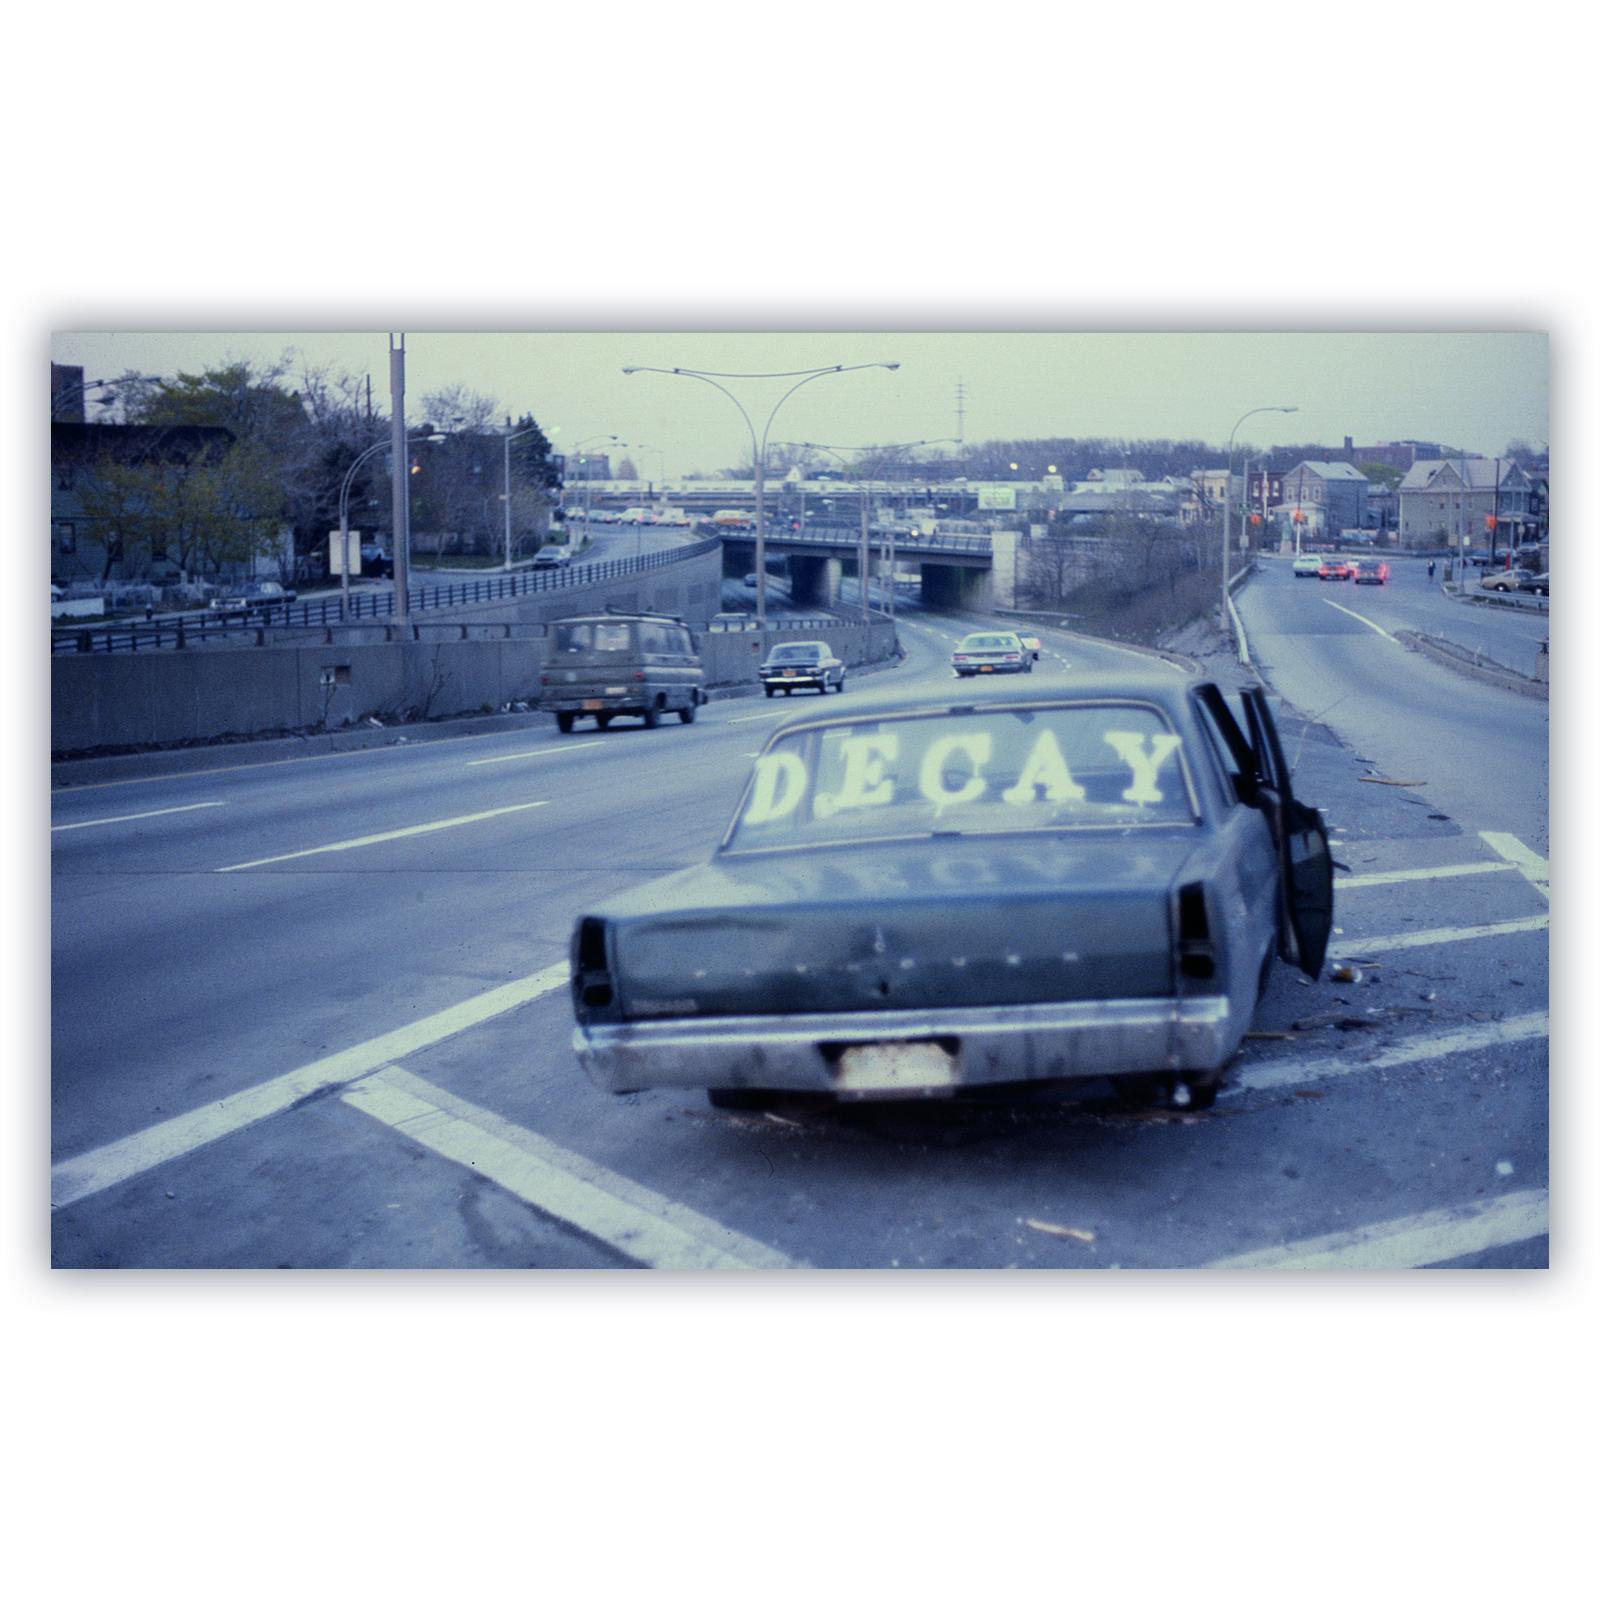 Decay - Woodside NY